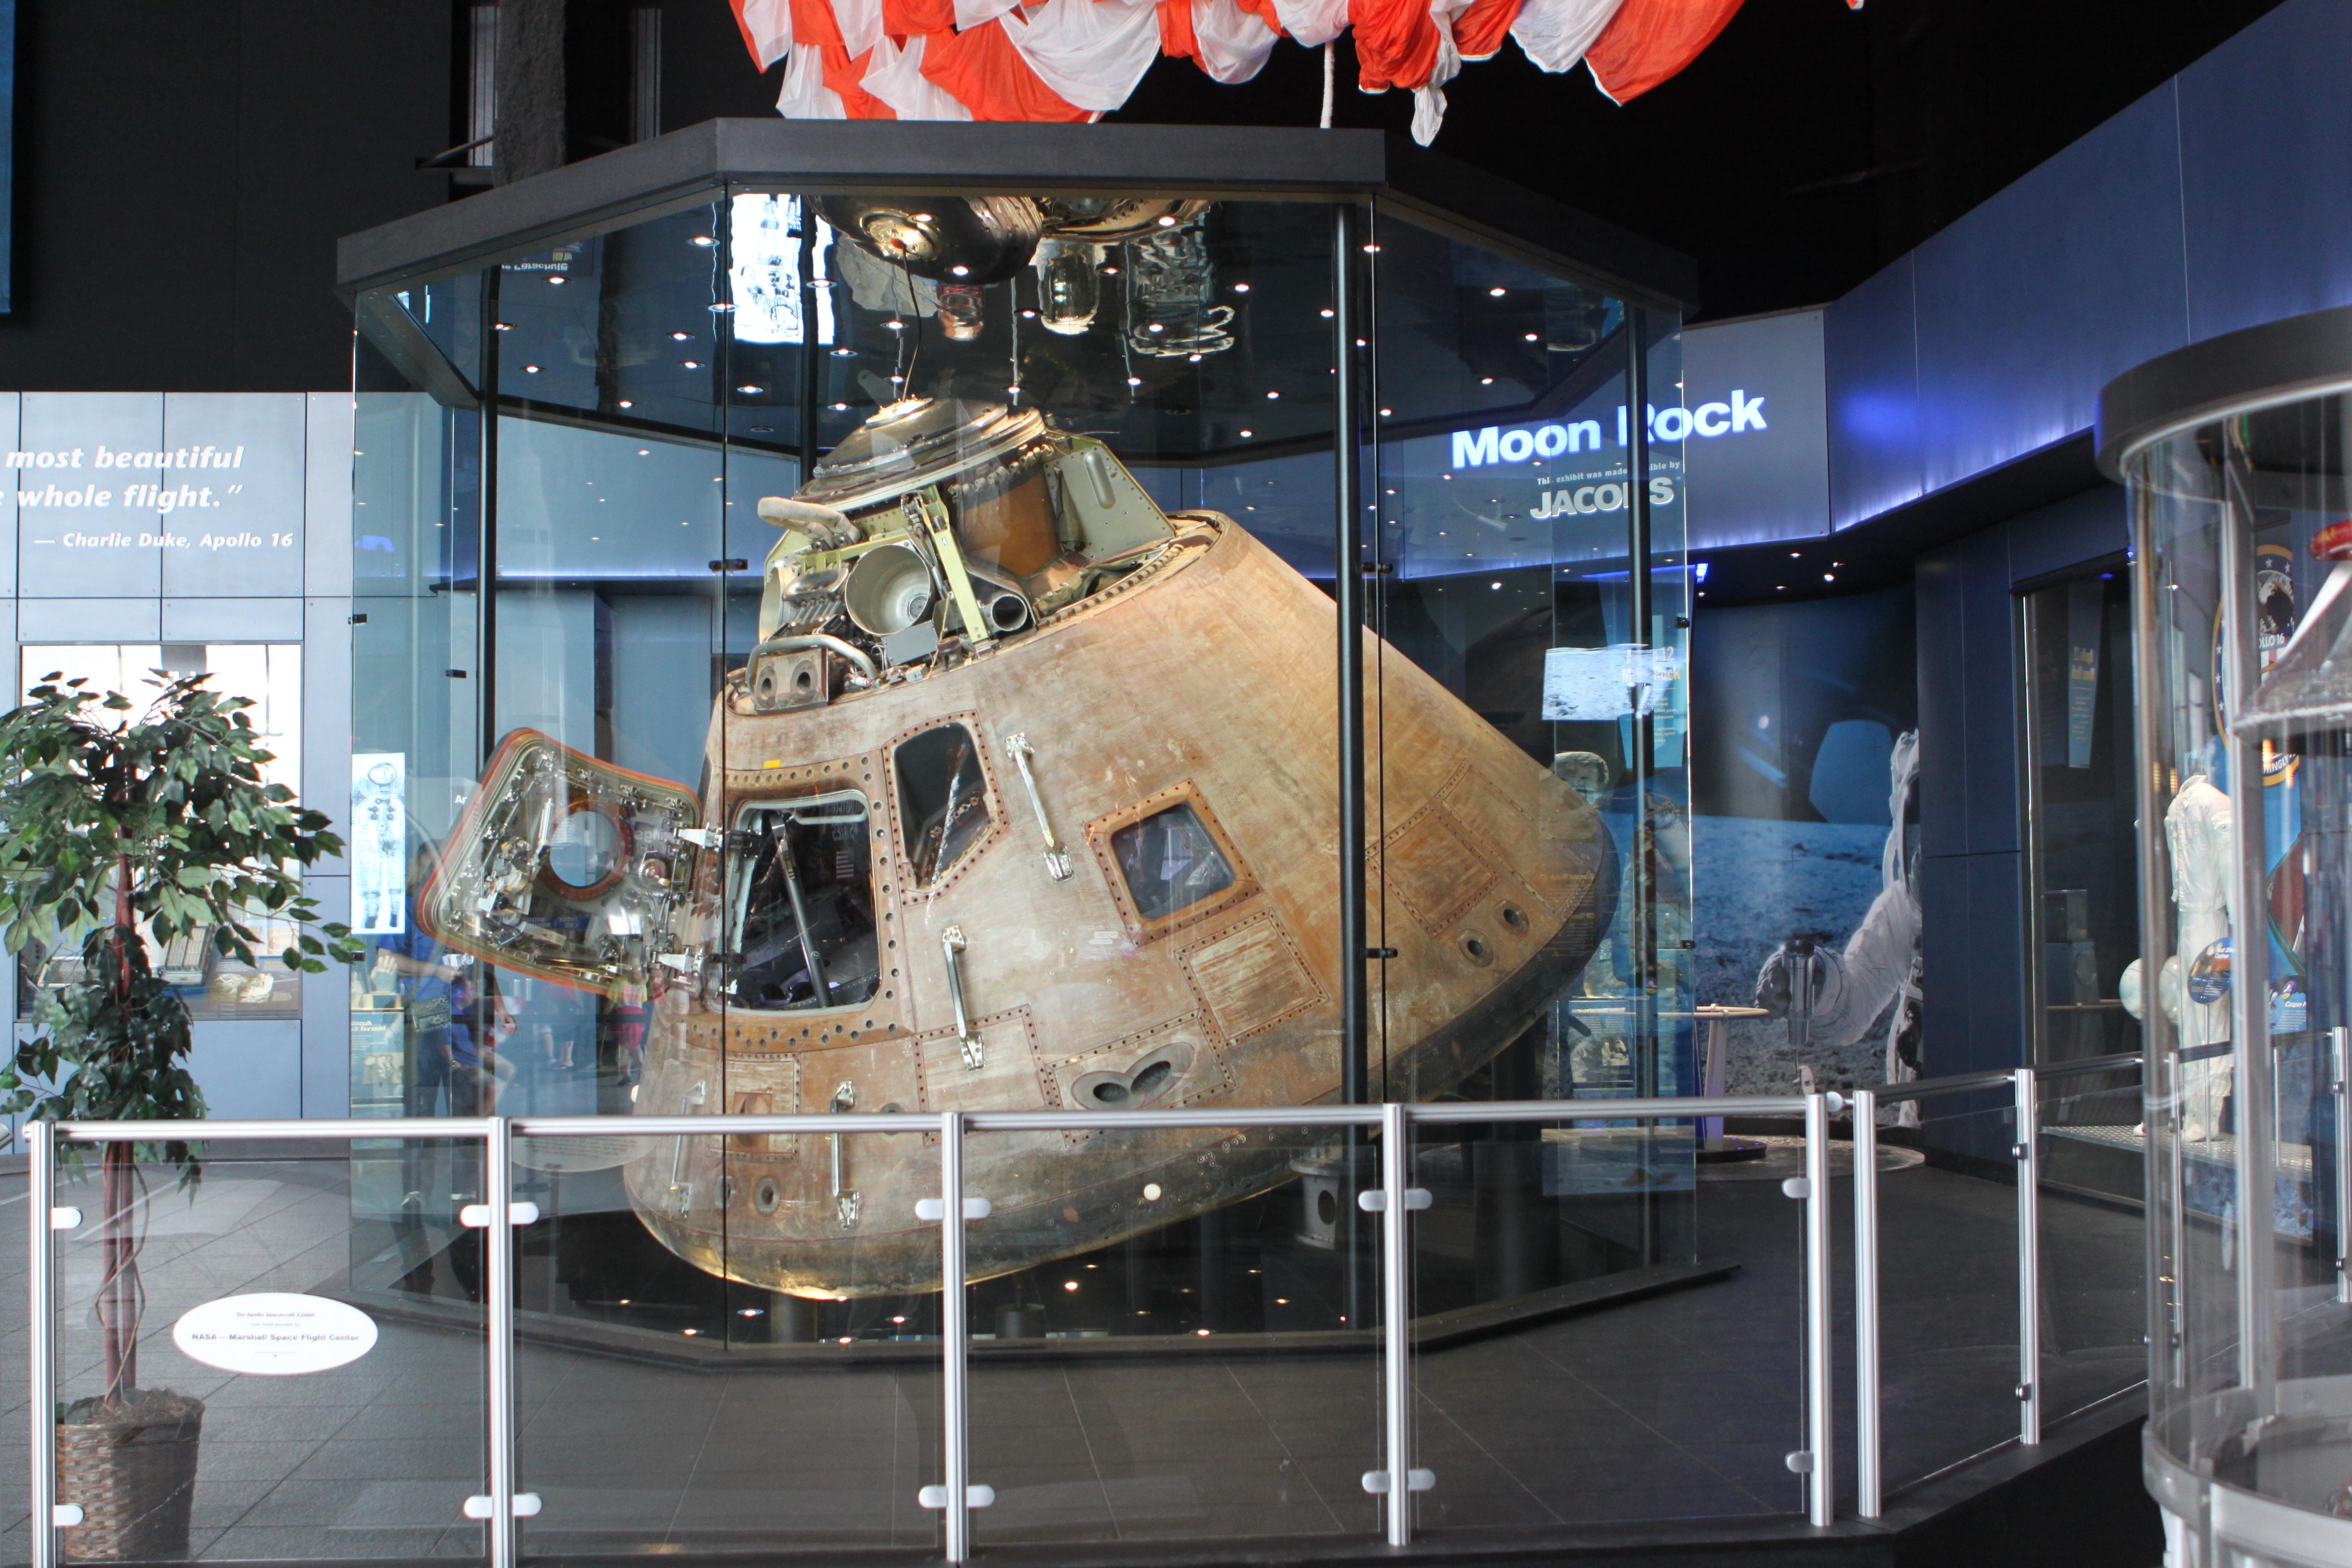 File:Apollo 16 capsule.JPG